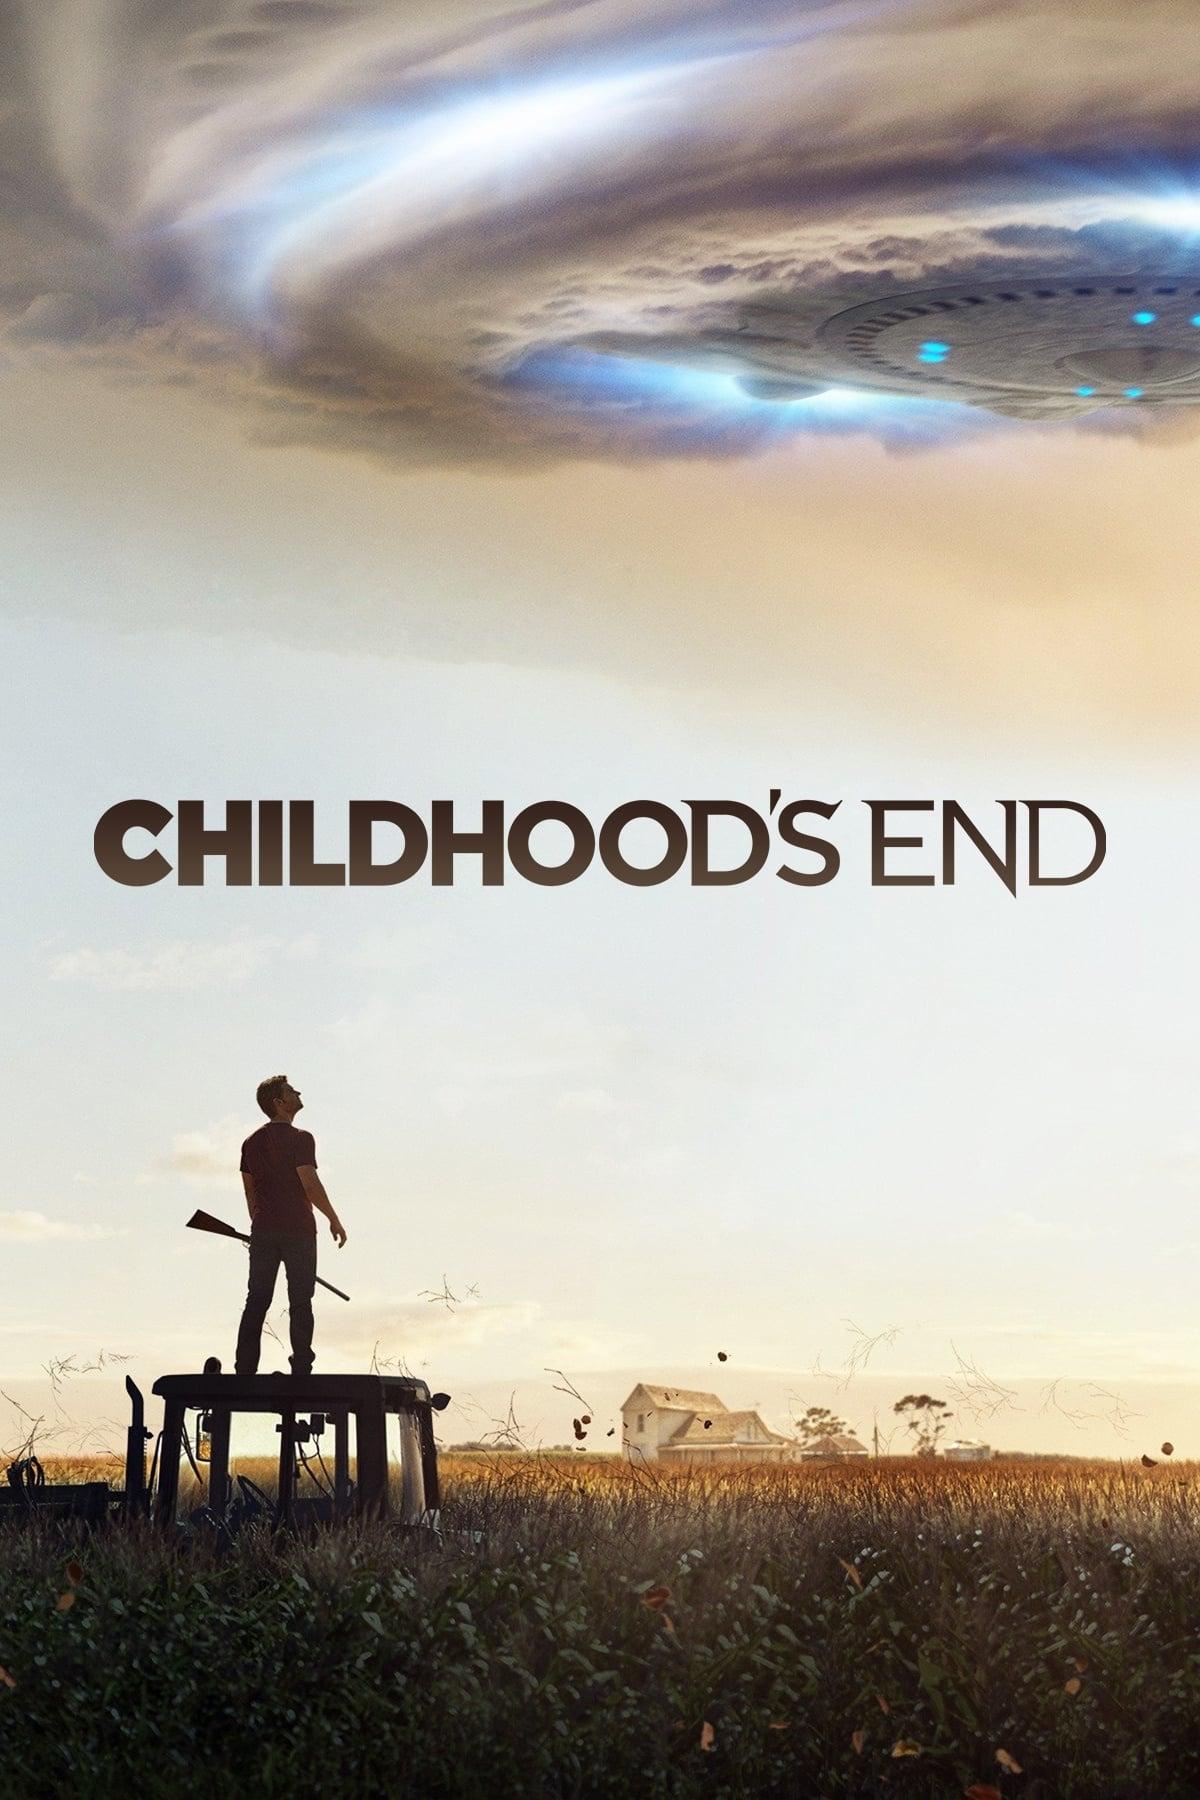 ბავშვობის დასასრული / Childhood's End